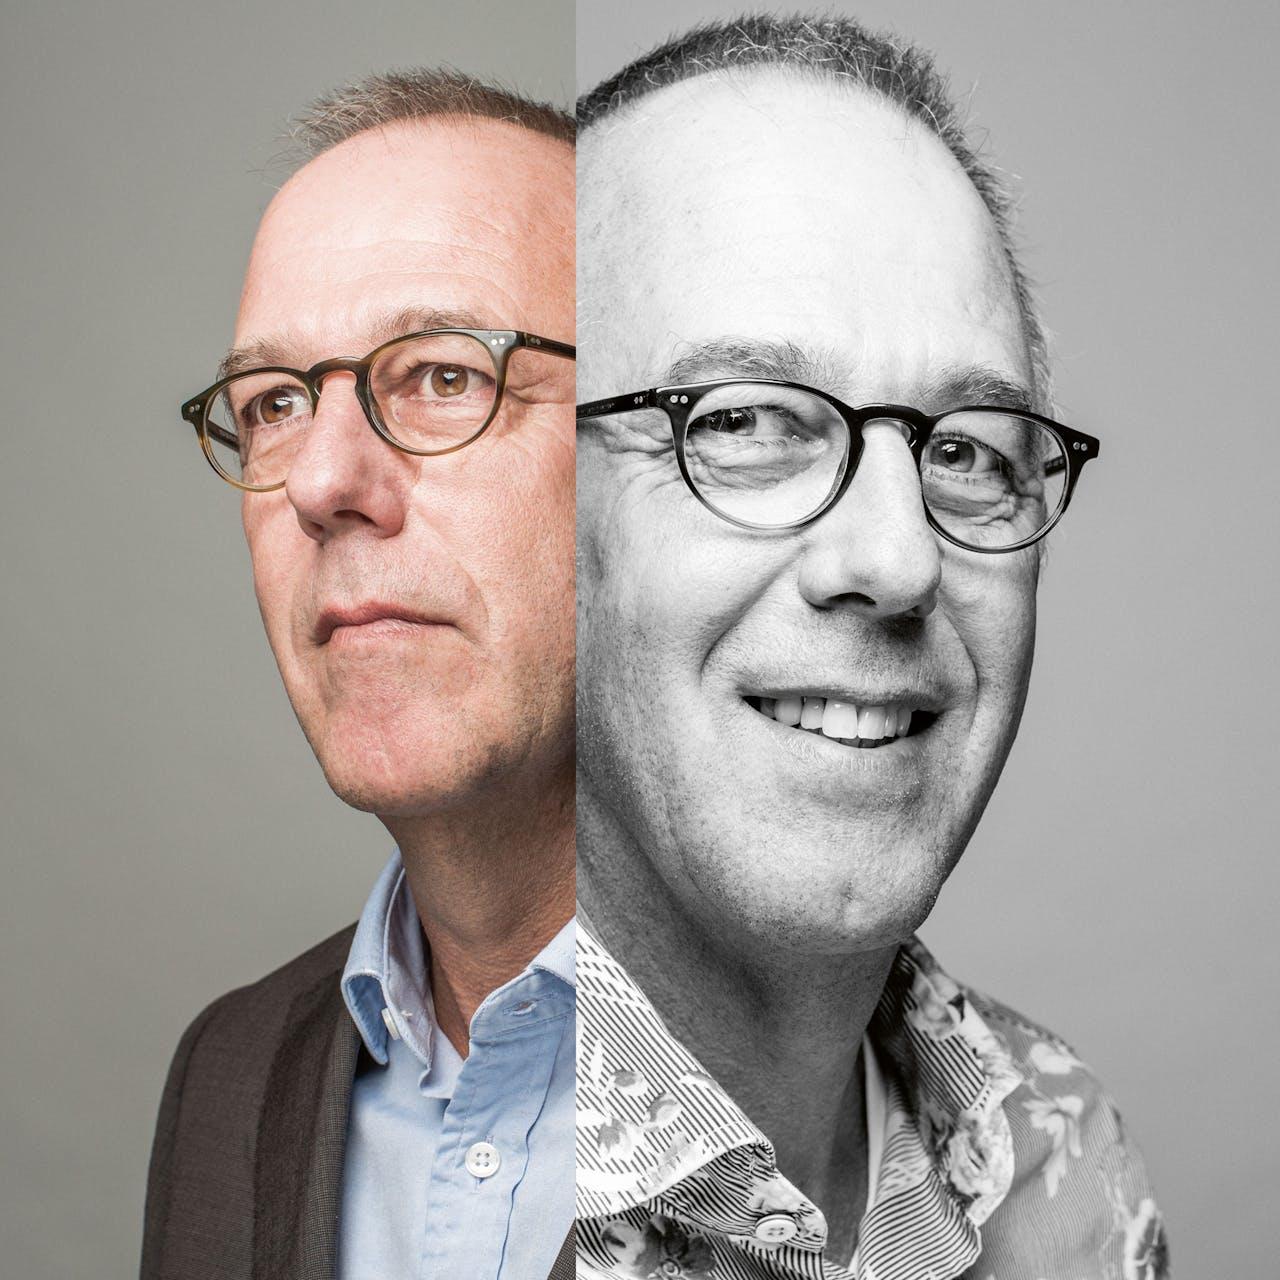 Paul van Rozendaal (Fotografie: NoCandy)